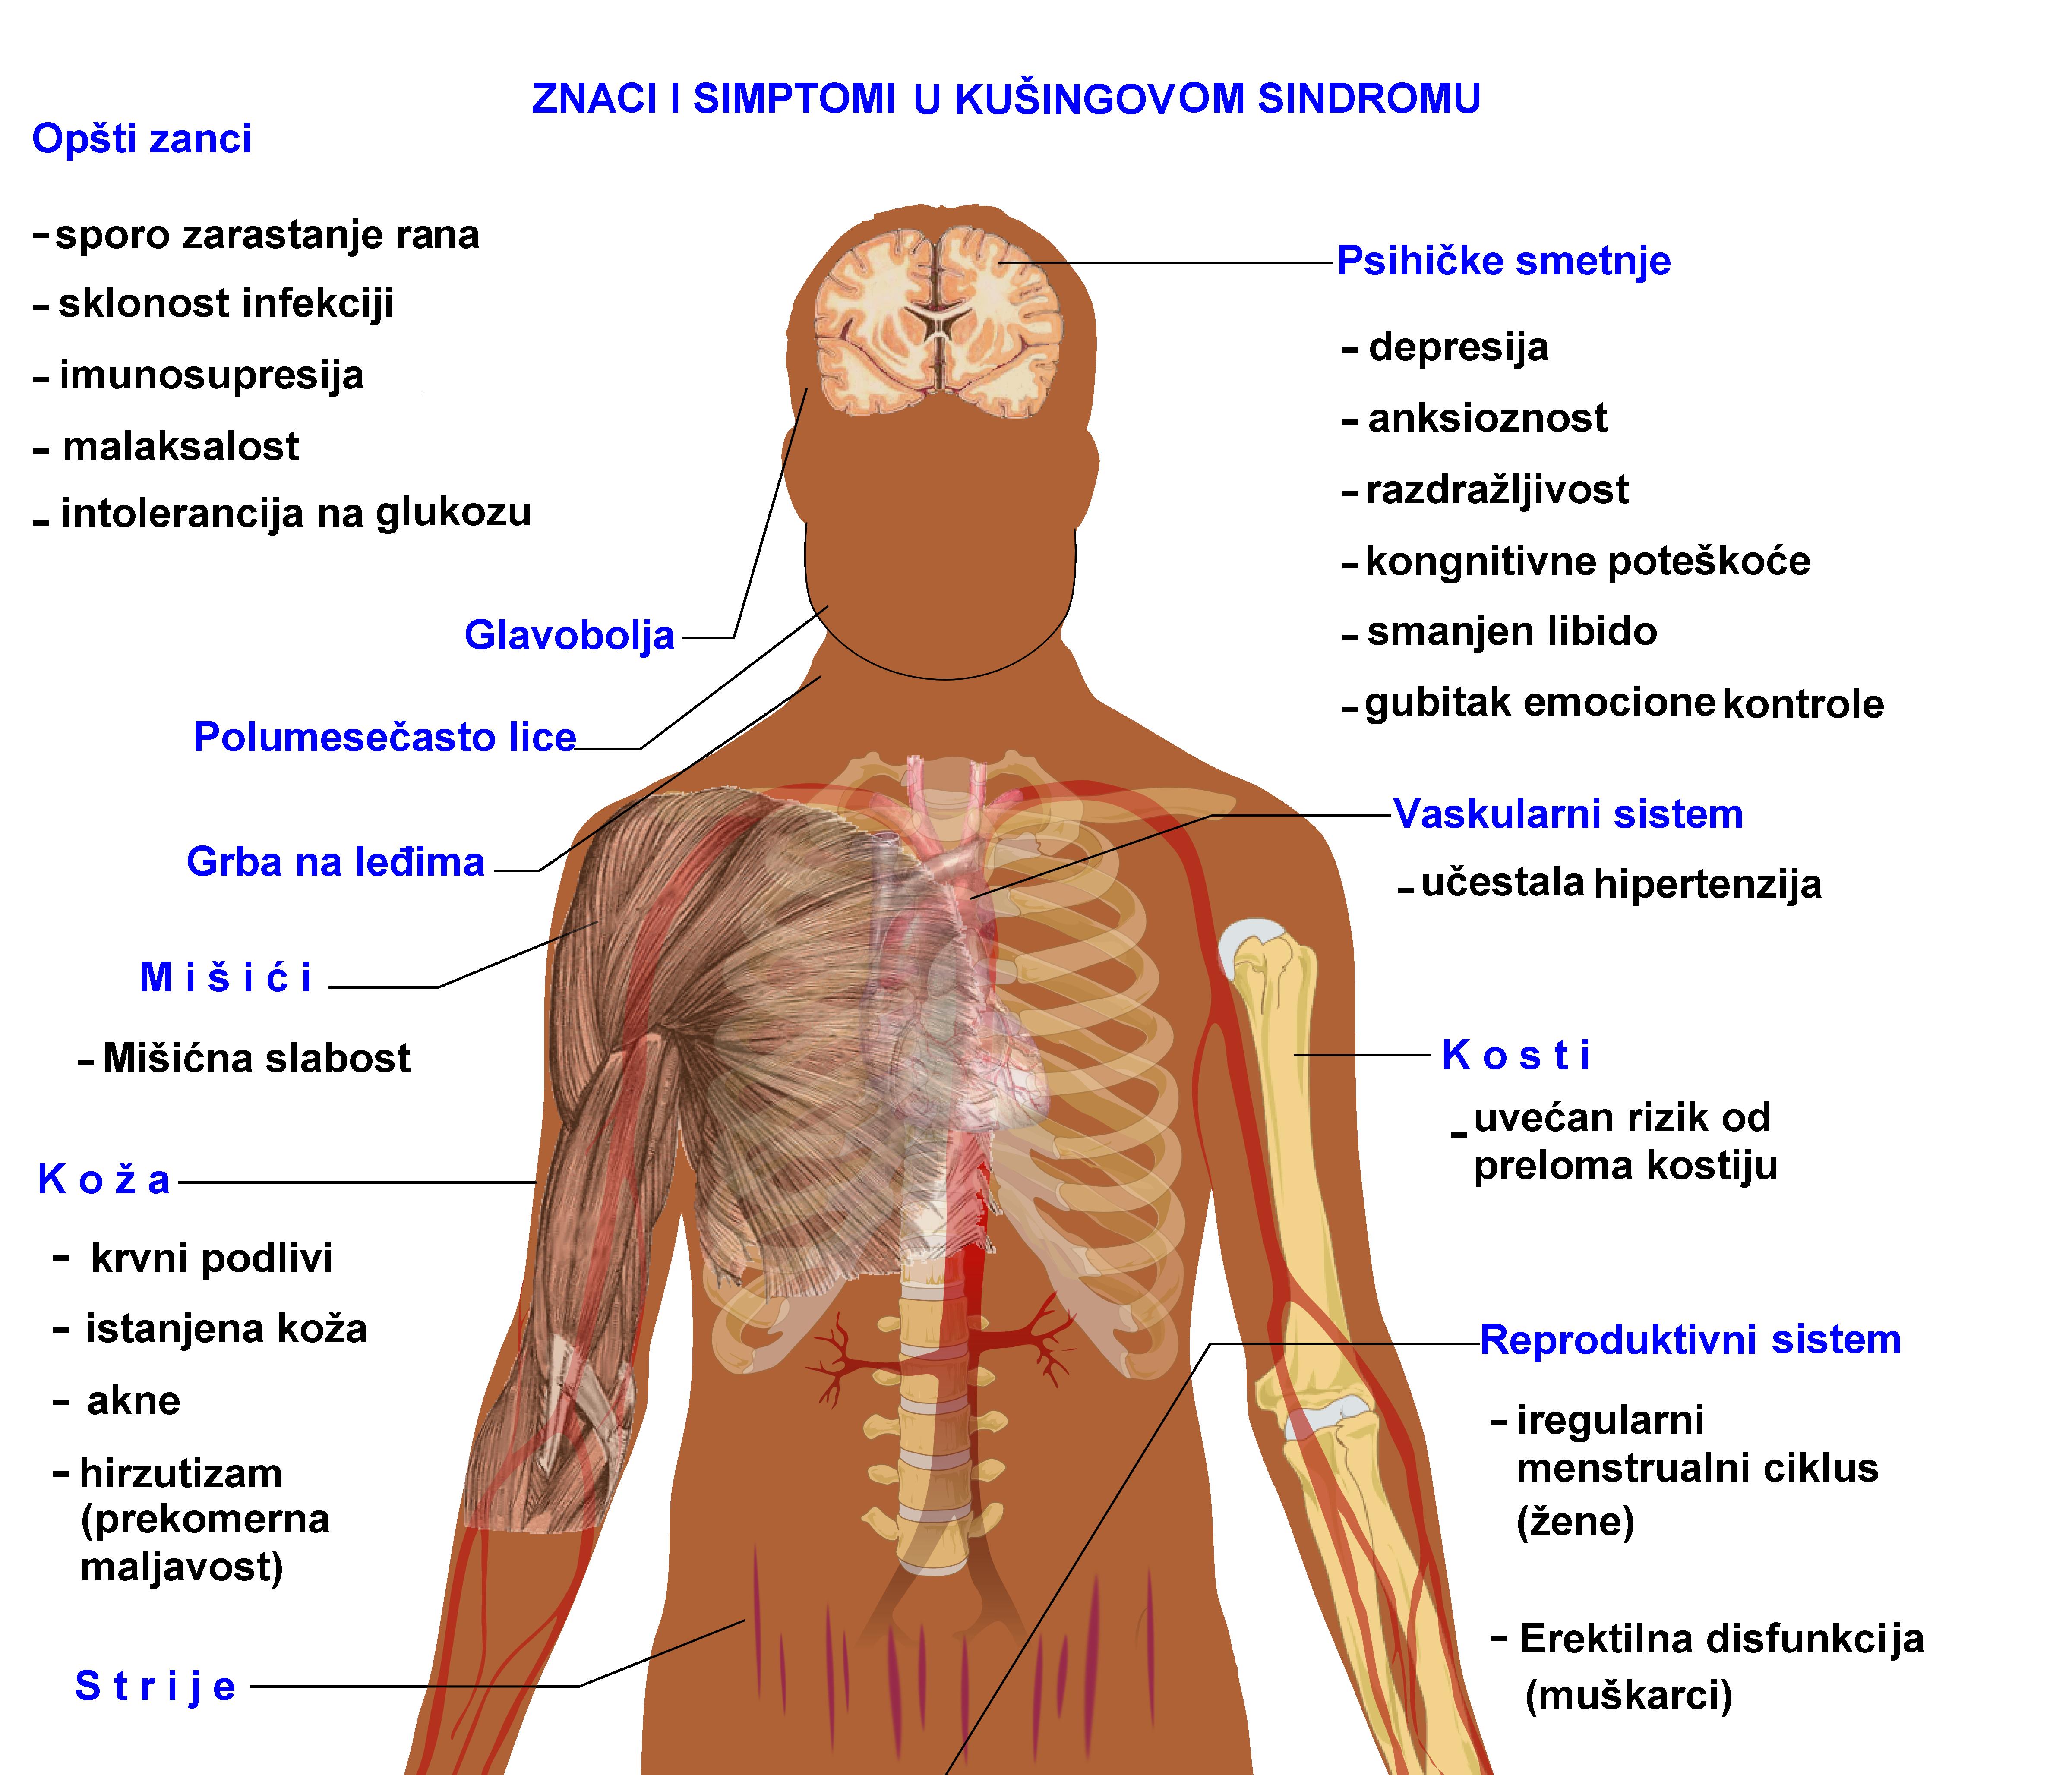 hipertenzija, metabolički sindrom sol svjetiljke hipertenzije